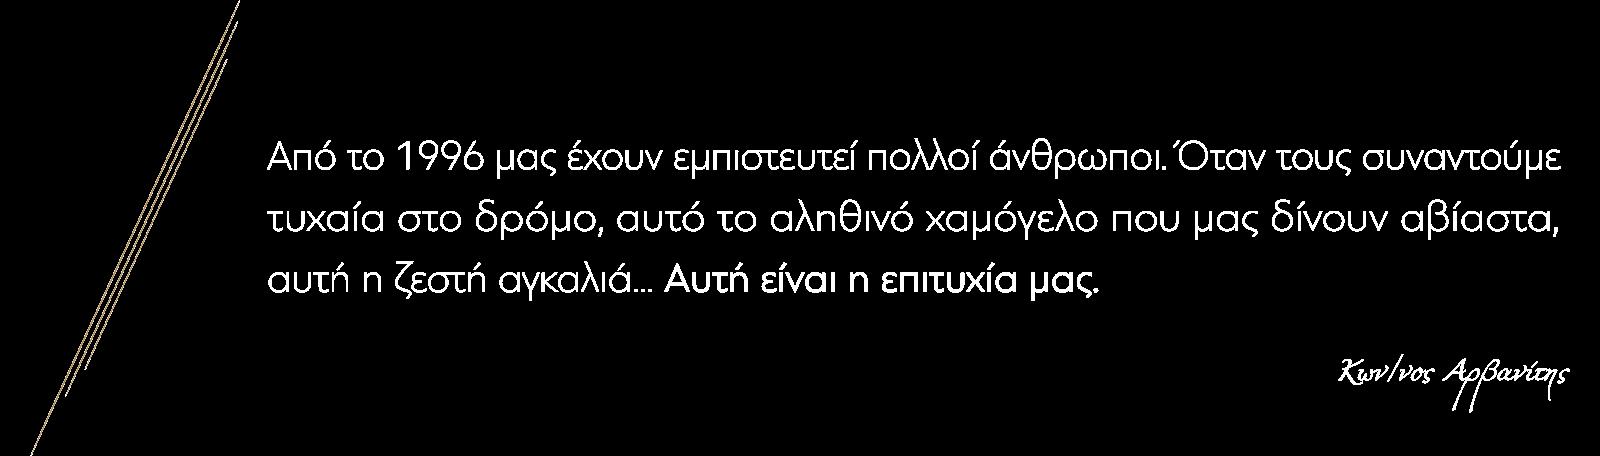 λογια-αρβανιτης-για-πελάτες